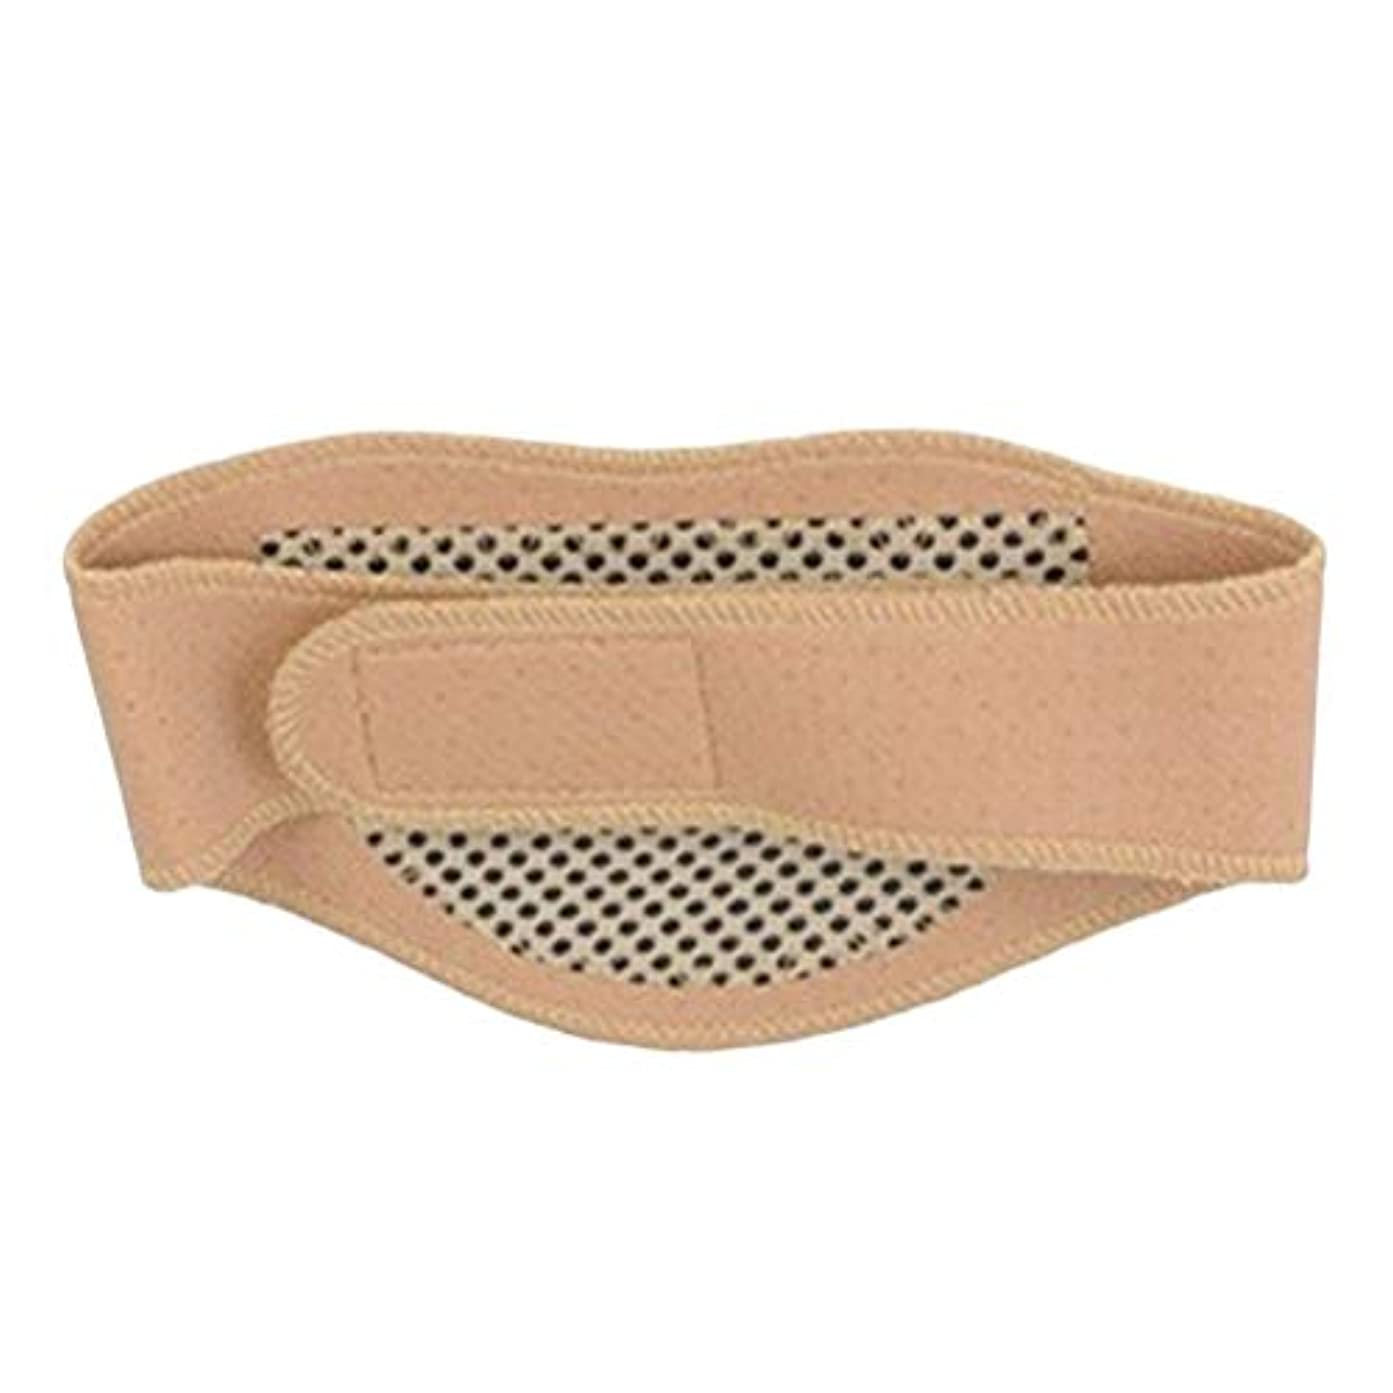 ふざけたおばさん放置SUPVOX ネックバックストラップサポート自己保護頸椎自発暖房ガード磁気療法ネックブレース